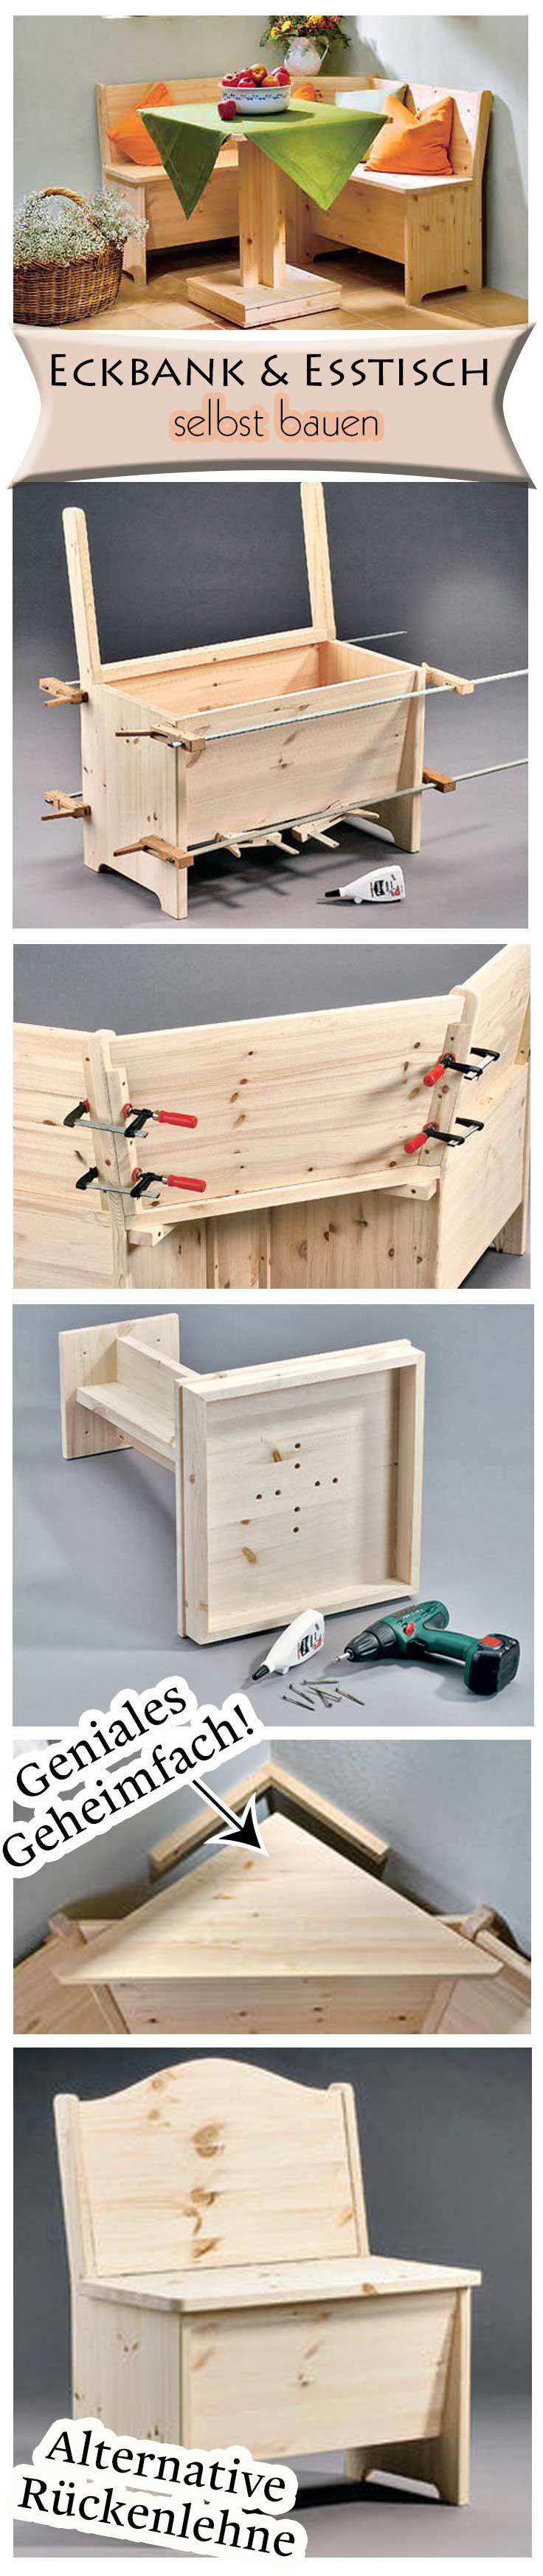 Tisch mit Mittelfuß | Woodworking, DIY furniture and Island bar